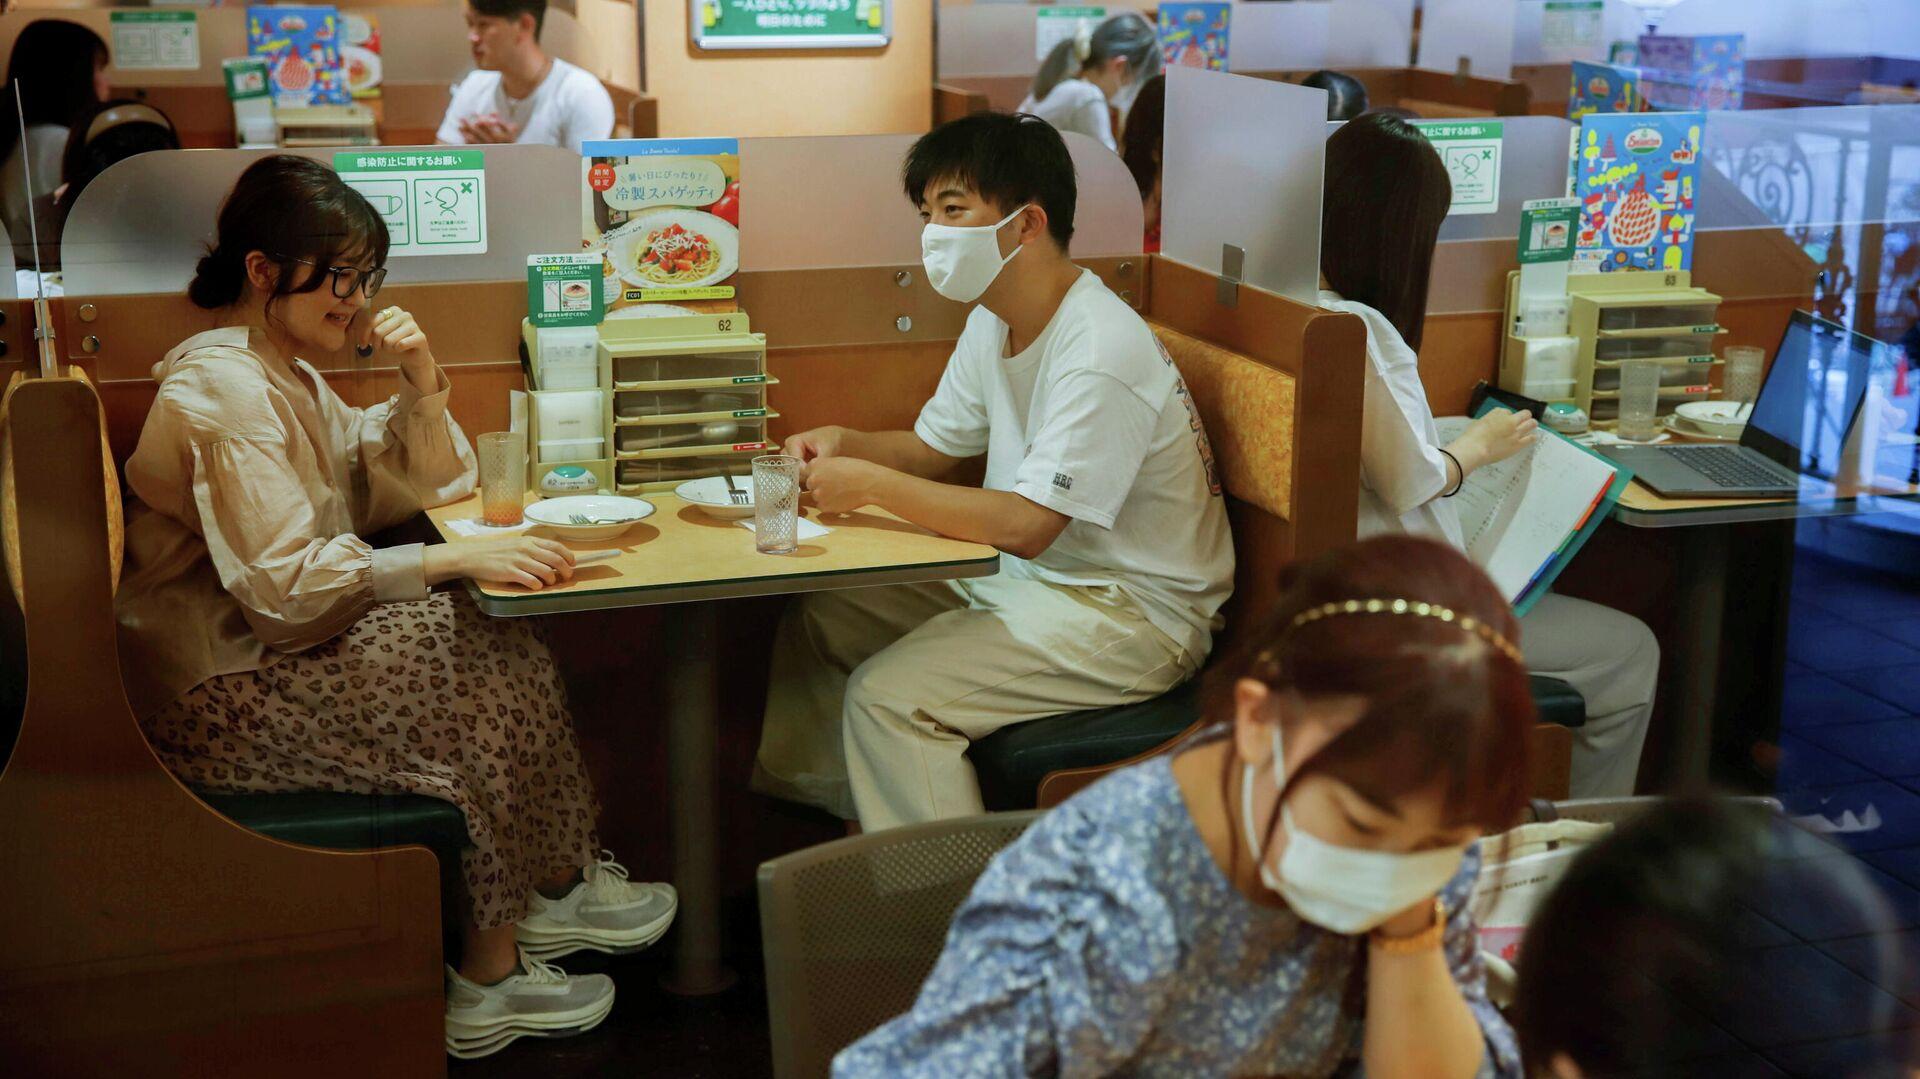 Gente con mascarillas en un restaurante en Tokio - Sputnik Mundo, 1920, 30.07.2021